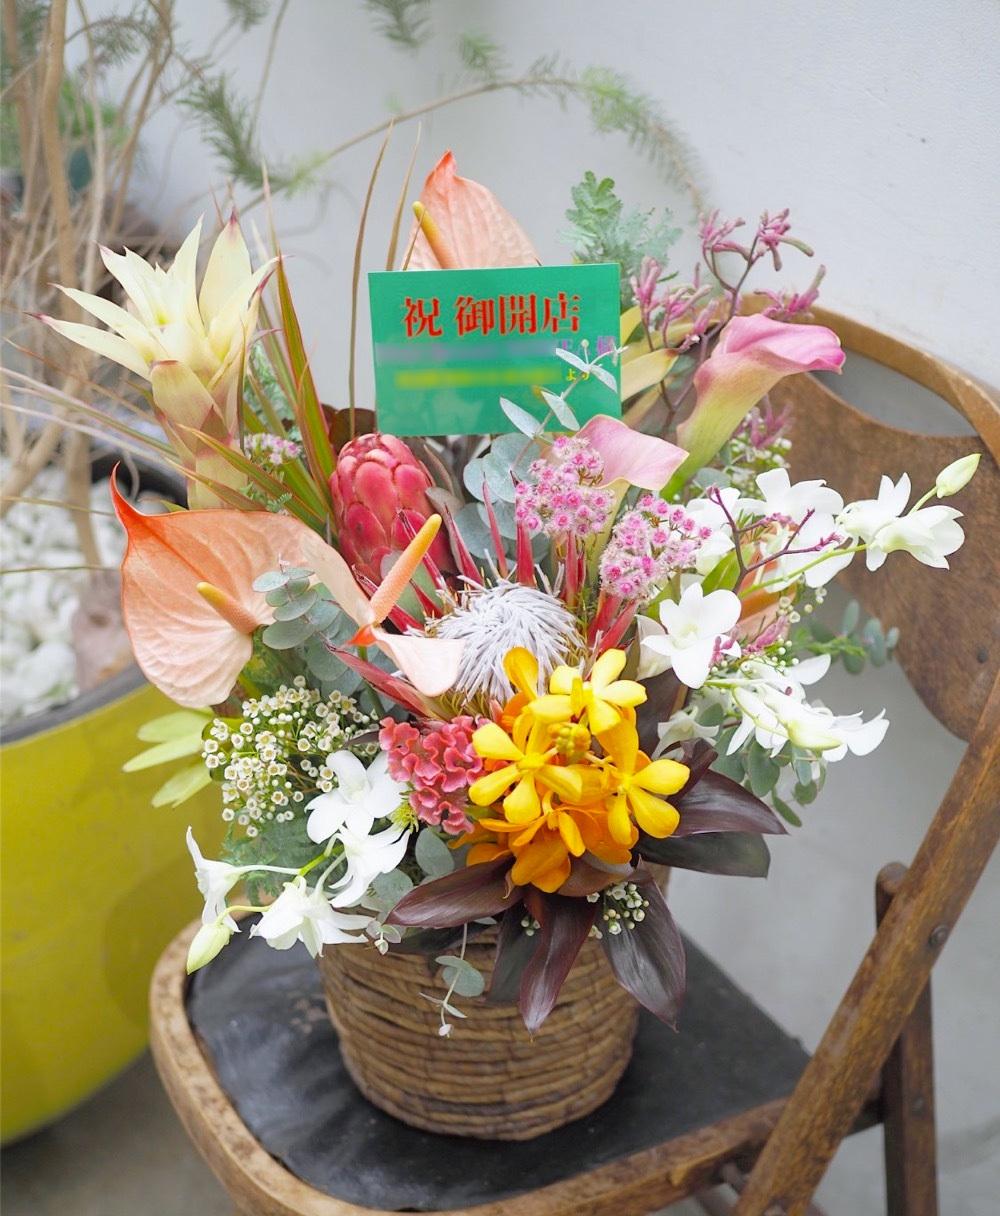 ハワイアンテイストの美容院へ 控えめリゾートな雰囲気の開店祝い花